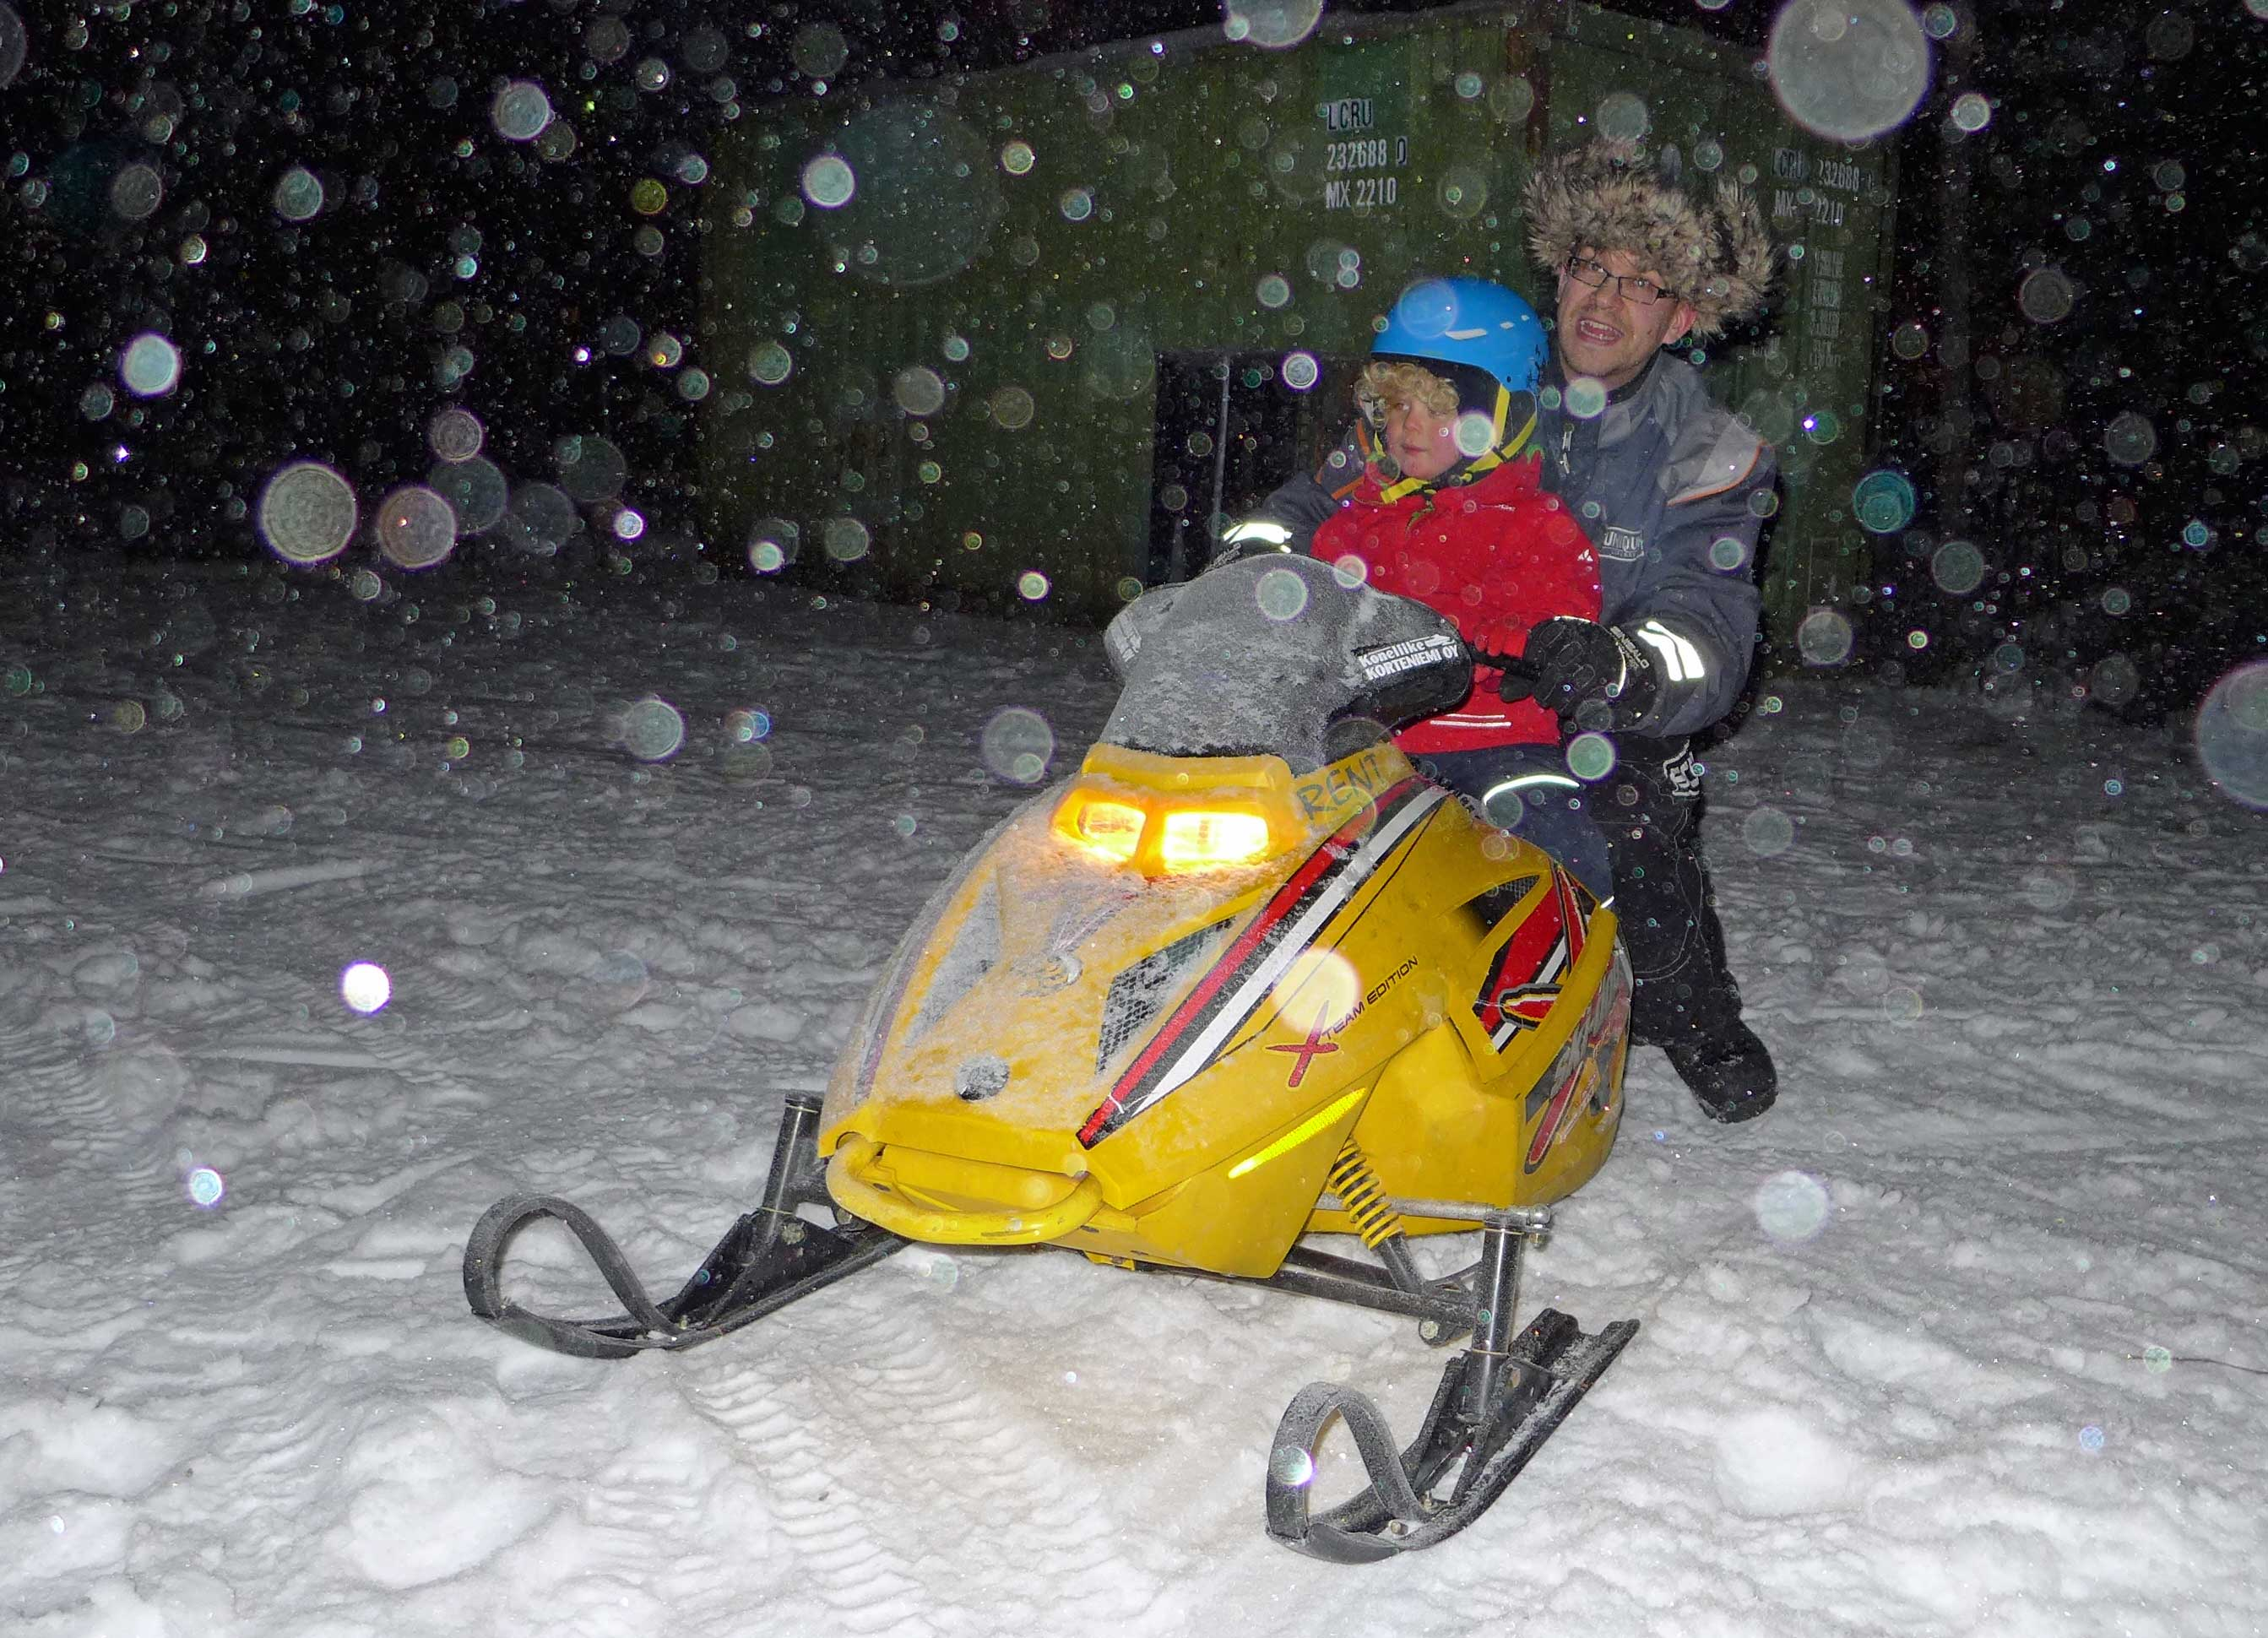 Kind im Kinder-Schneemobil